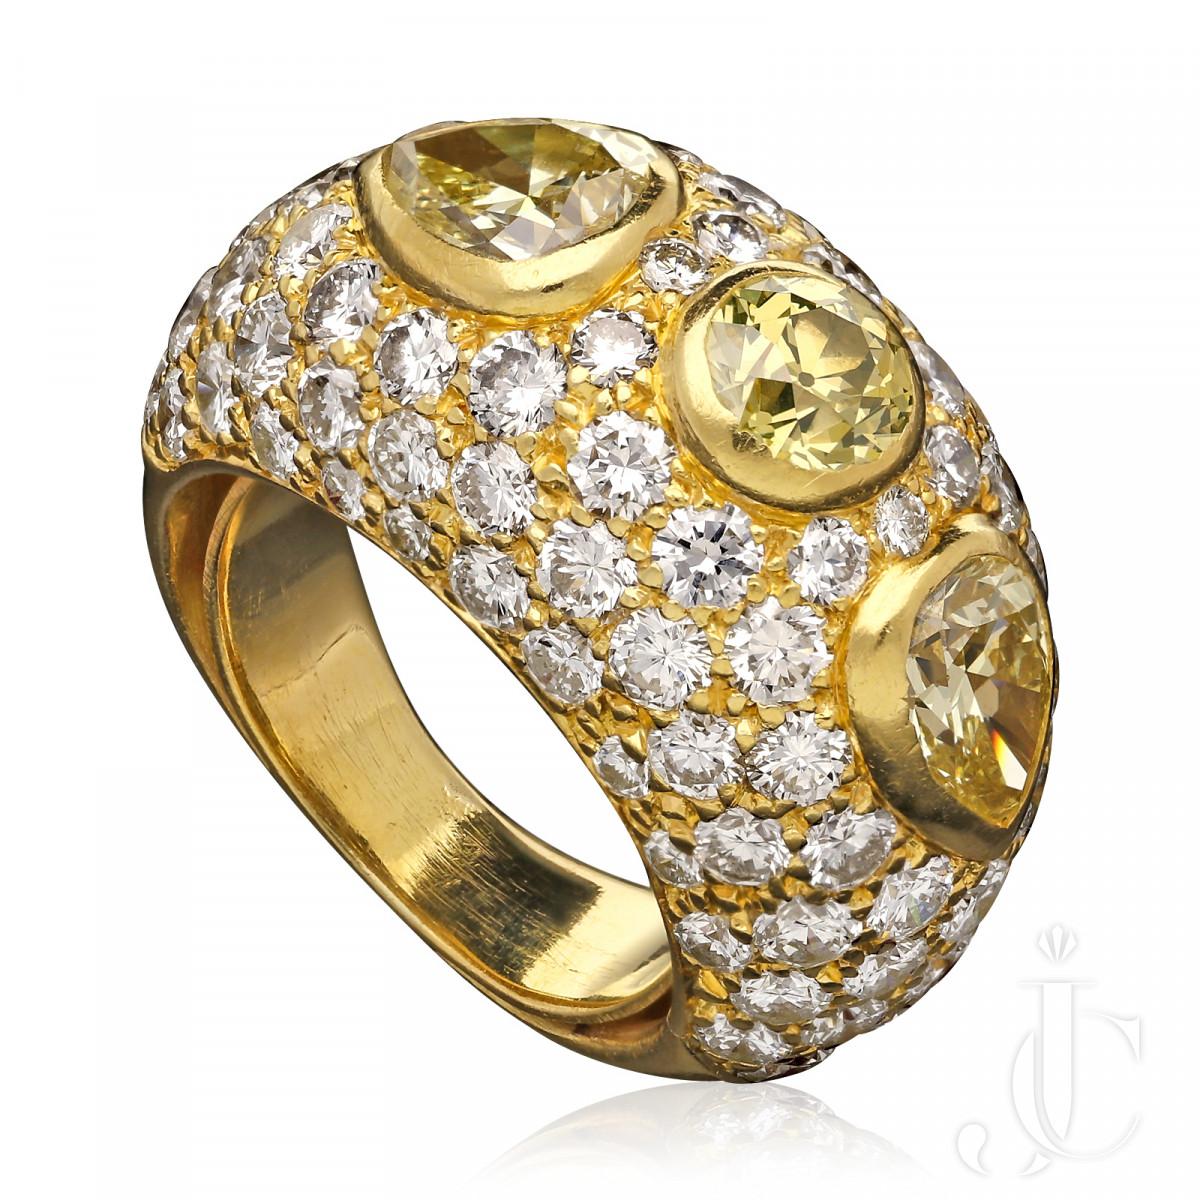 Van Cleef & Arpels - Greenish/Yellow & Yellow diamond Bombe Ring c.1973